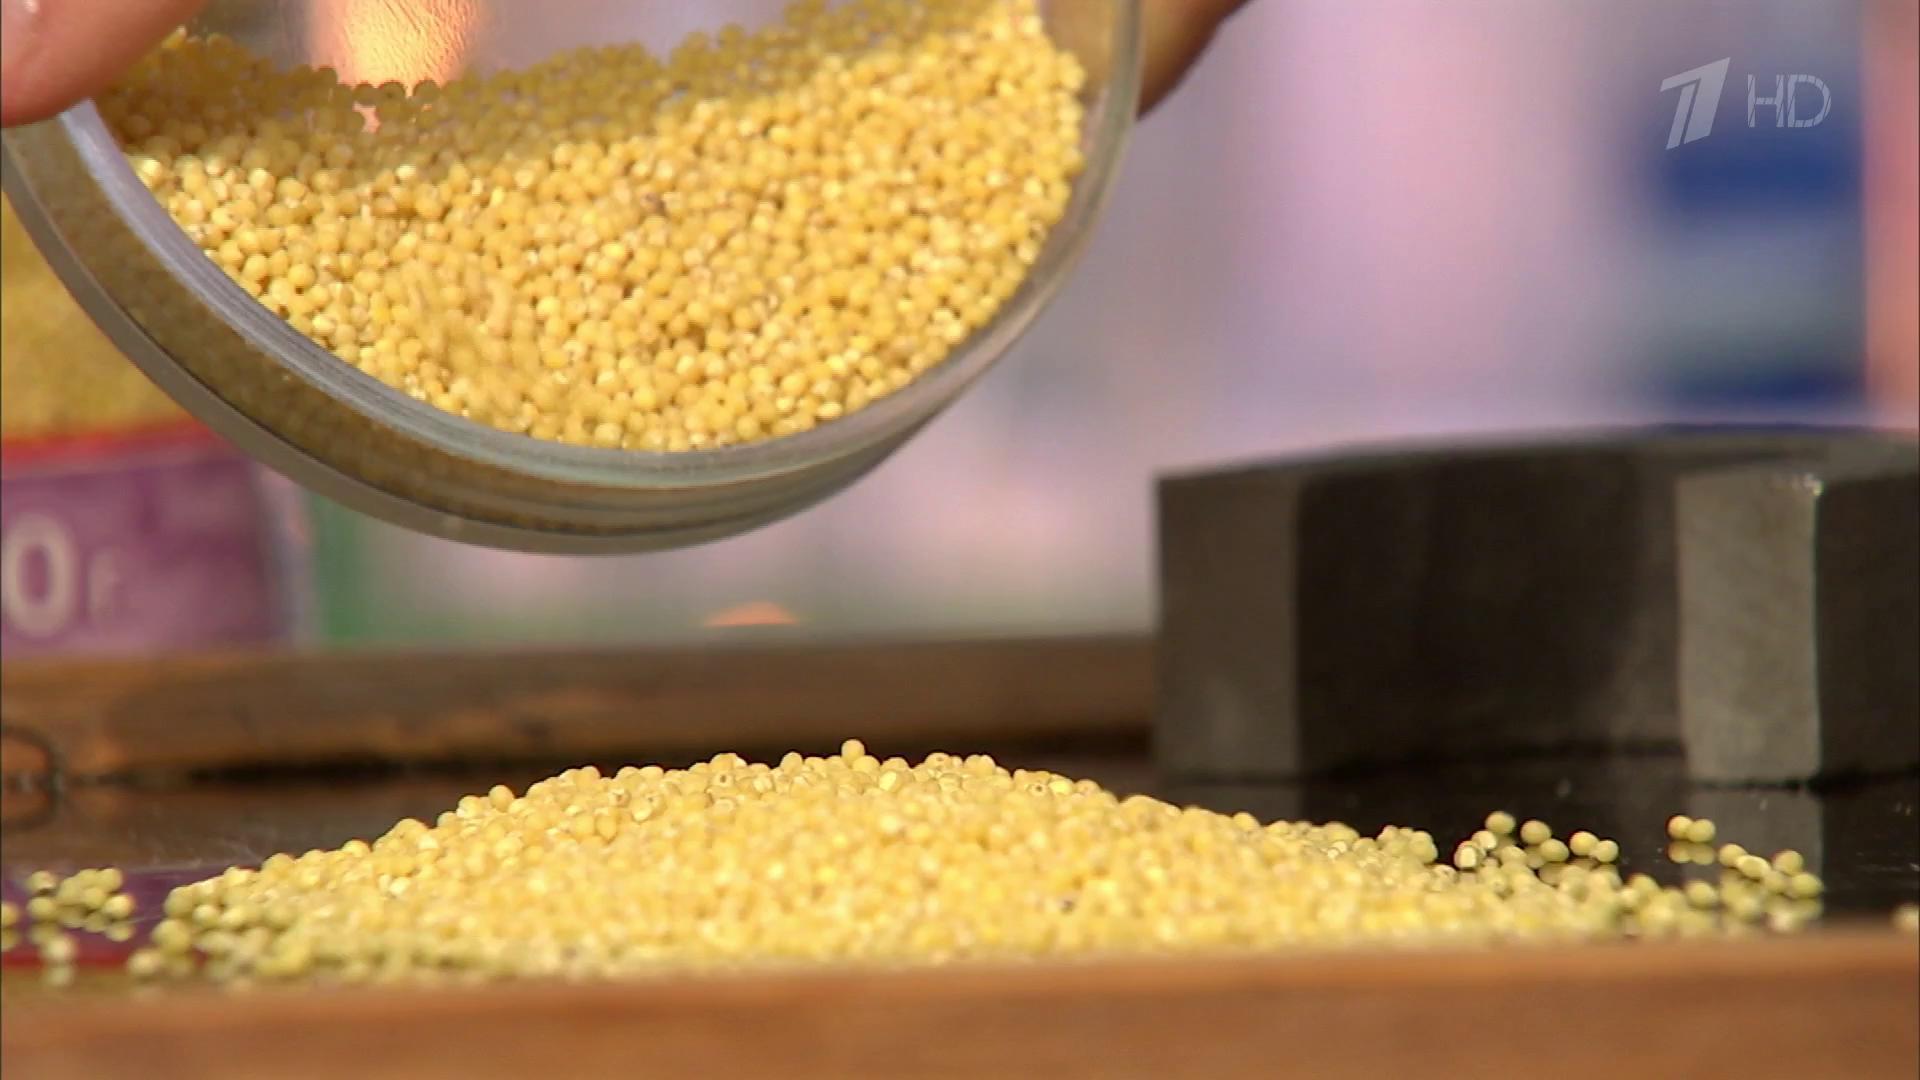 السعرات الحرارية من الحبوب 20 صور الحبوب Bzhu في المغلي وجافة ما الحبوب تحتوي على الغلوتين ما هو عدد السعرات الحرارية لكل 100 غرام من الحبوب